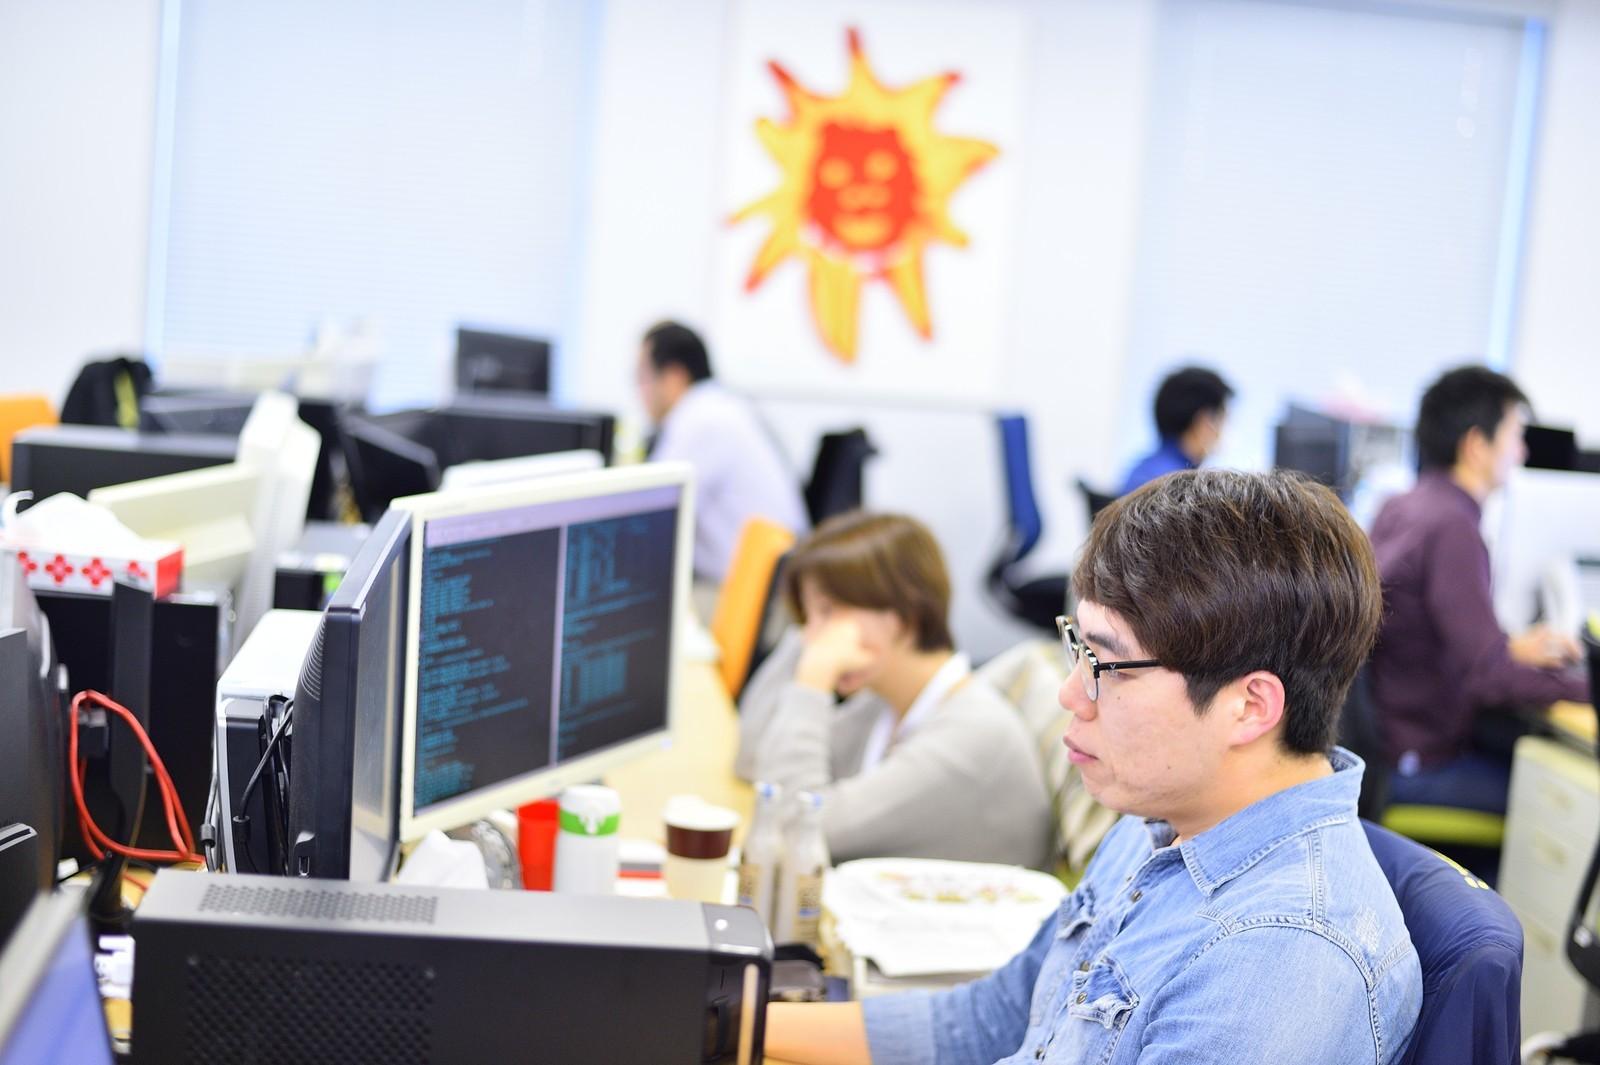 流通総額1兆円!EC総合支援システム「ショップサーブ」のPHPエンジニアを募集